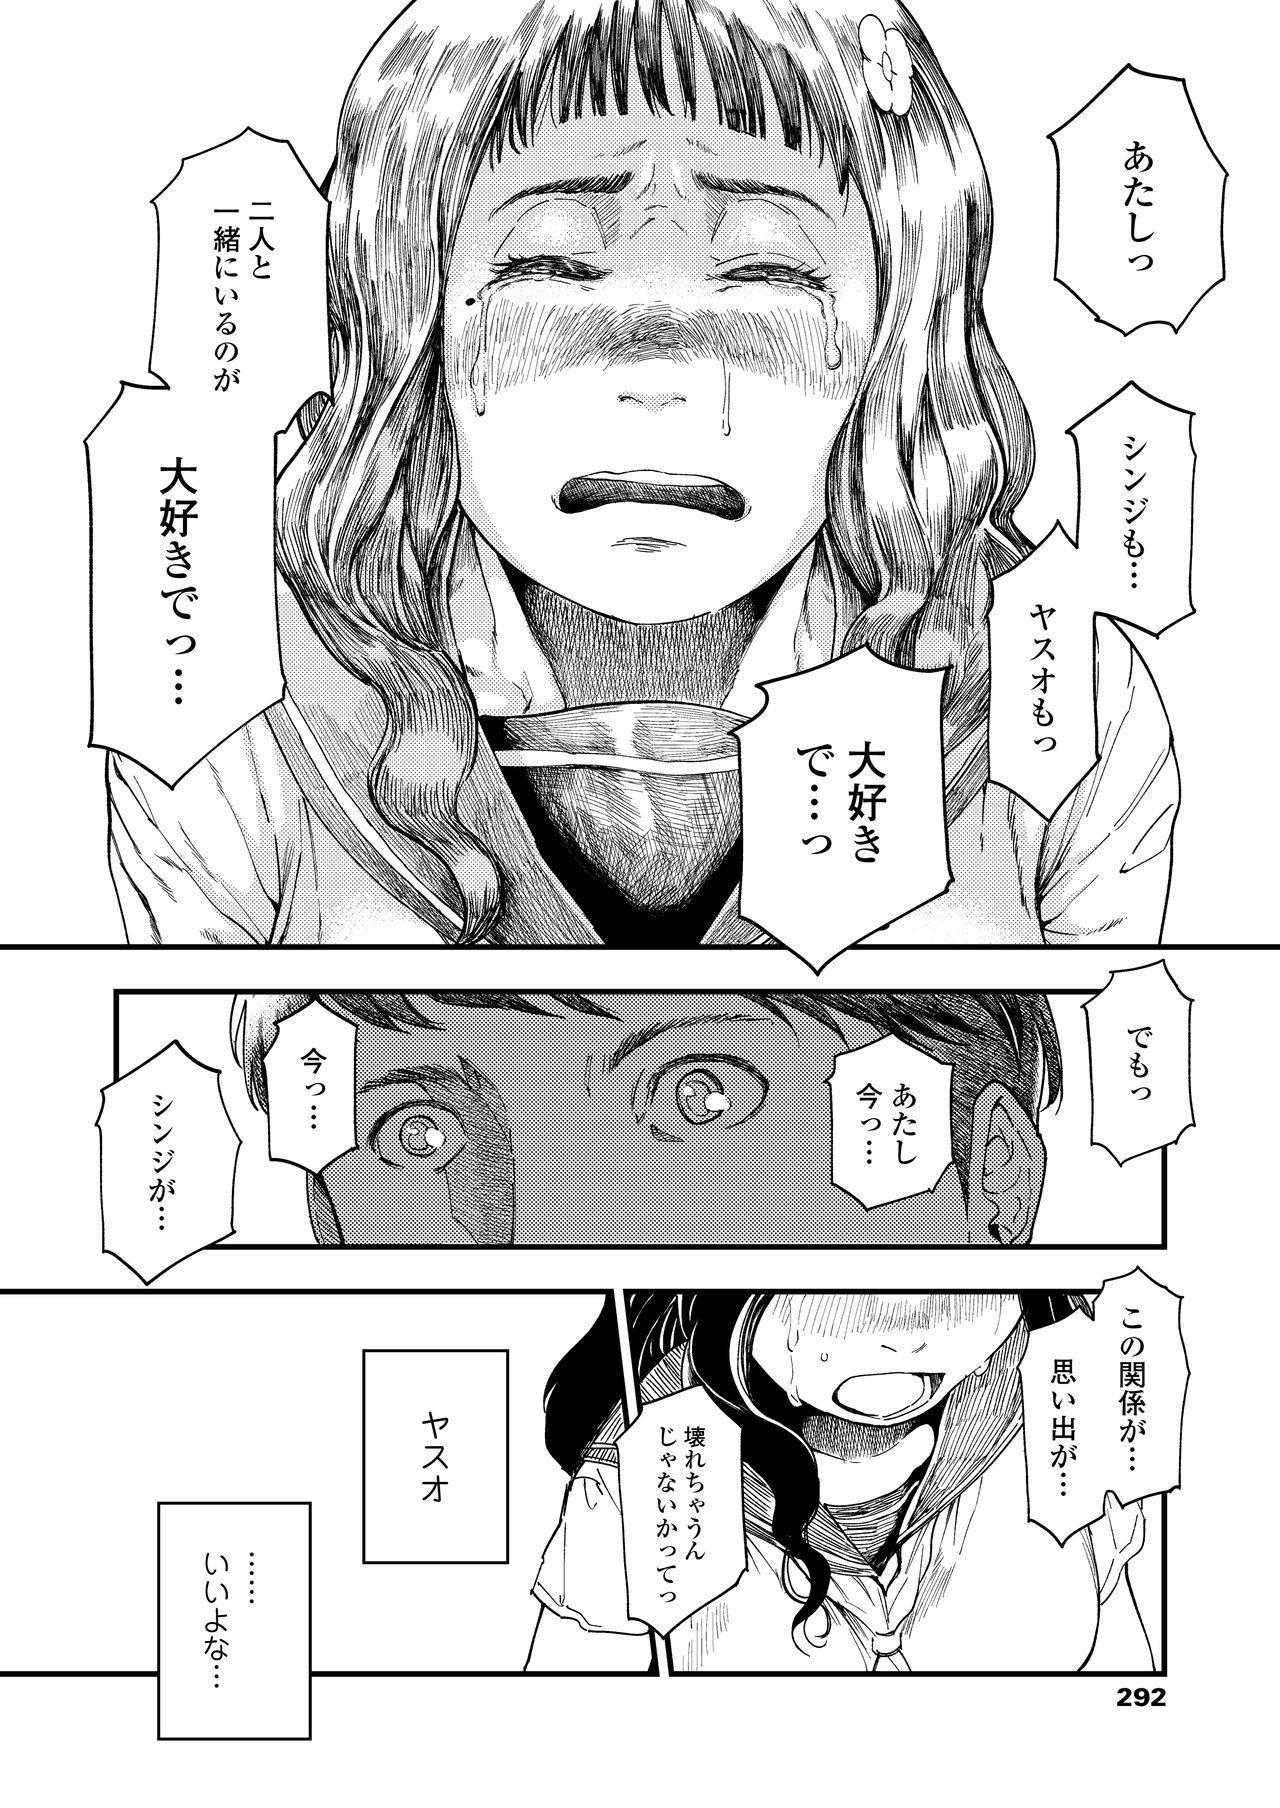 COMIC AOHA 2021 Natsu 291